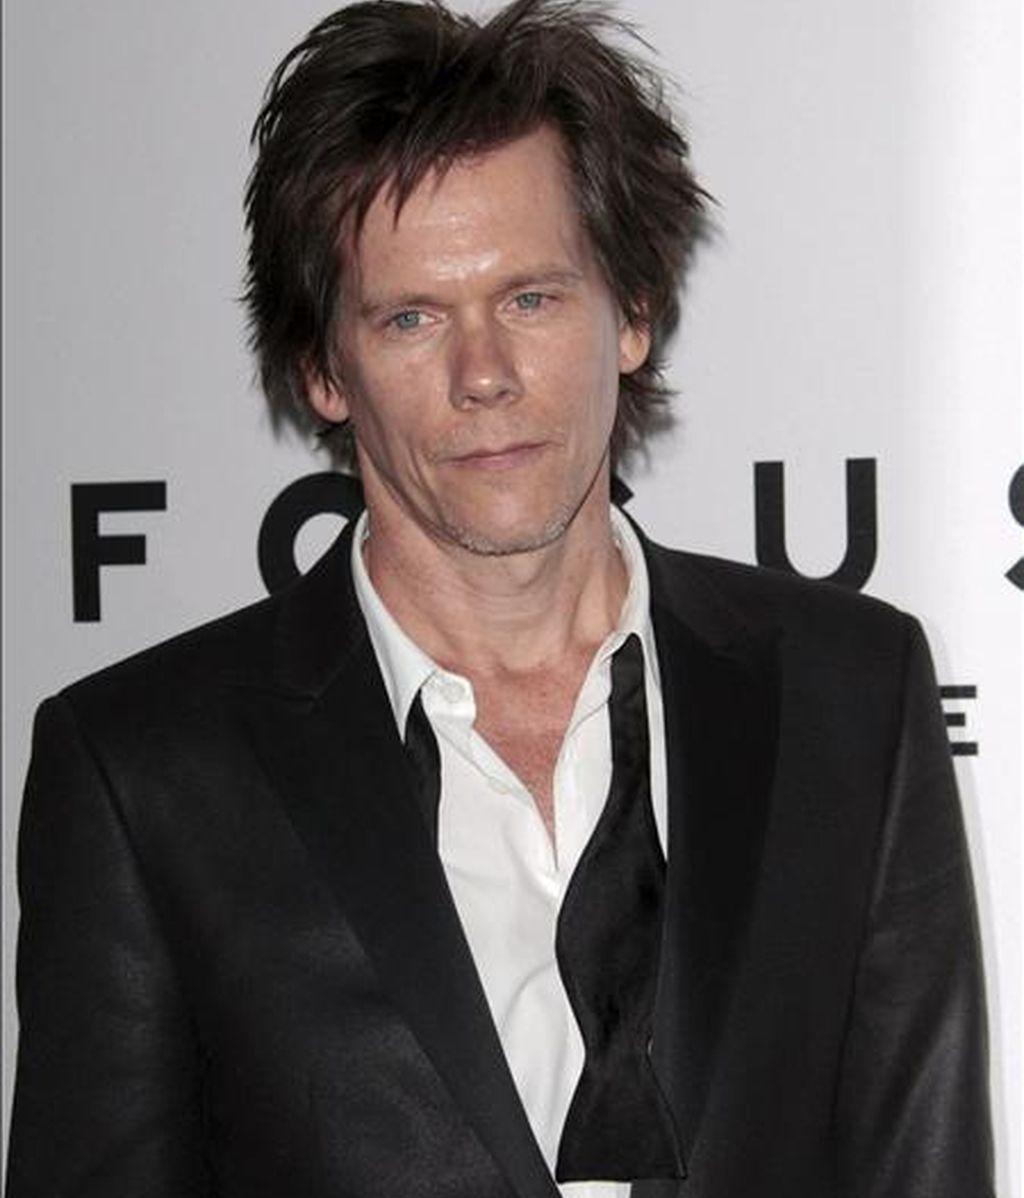 """Kevin Bacon se pondrá a las órdenes del director Matthew Vaughn para protagonizar una de las precuelas de la historia de los """"X-Men"""", """"X-Men: First Class"""", que se rodará en los próximos meses con la idea de estrenarse en junio de 2011. EFE/Archivo"""